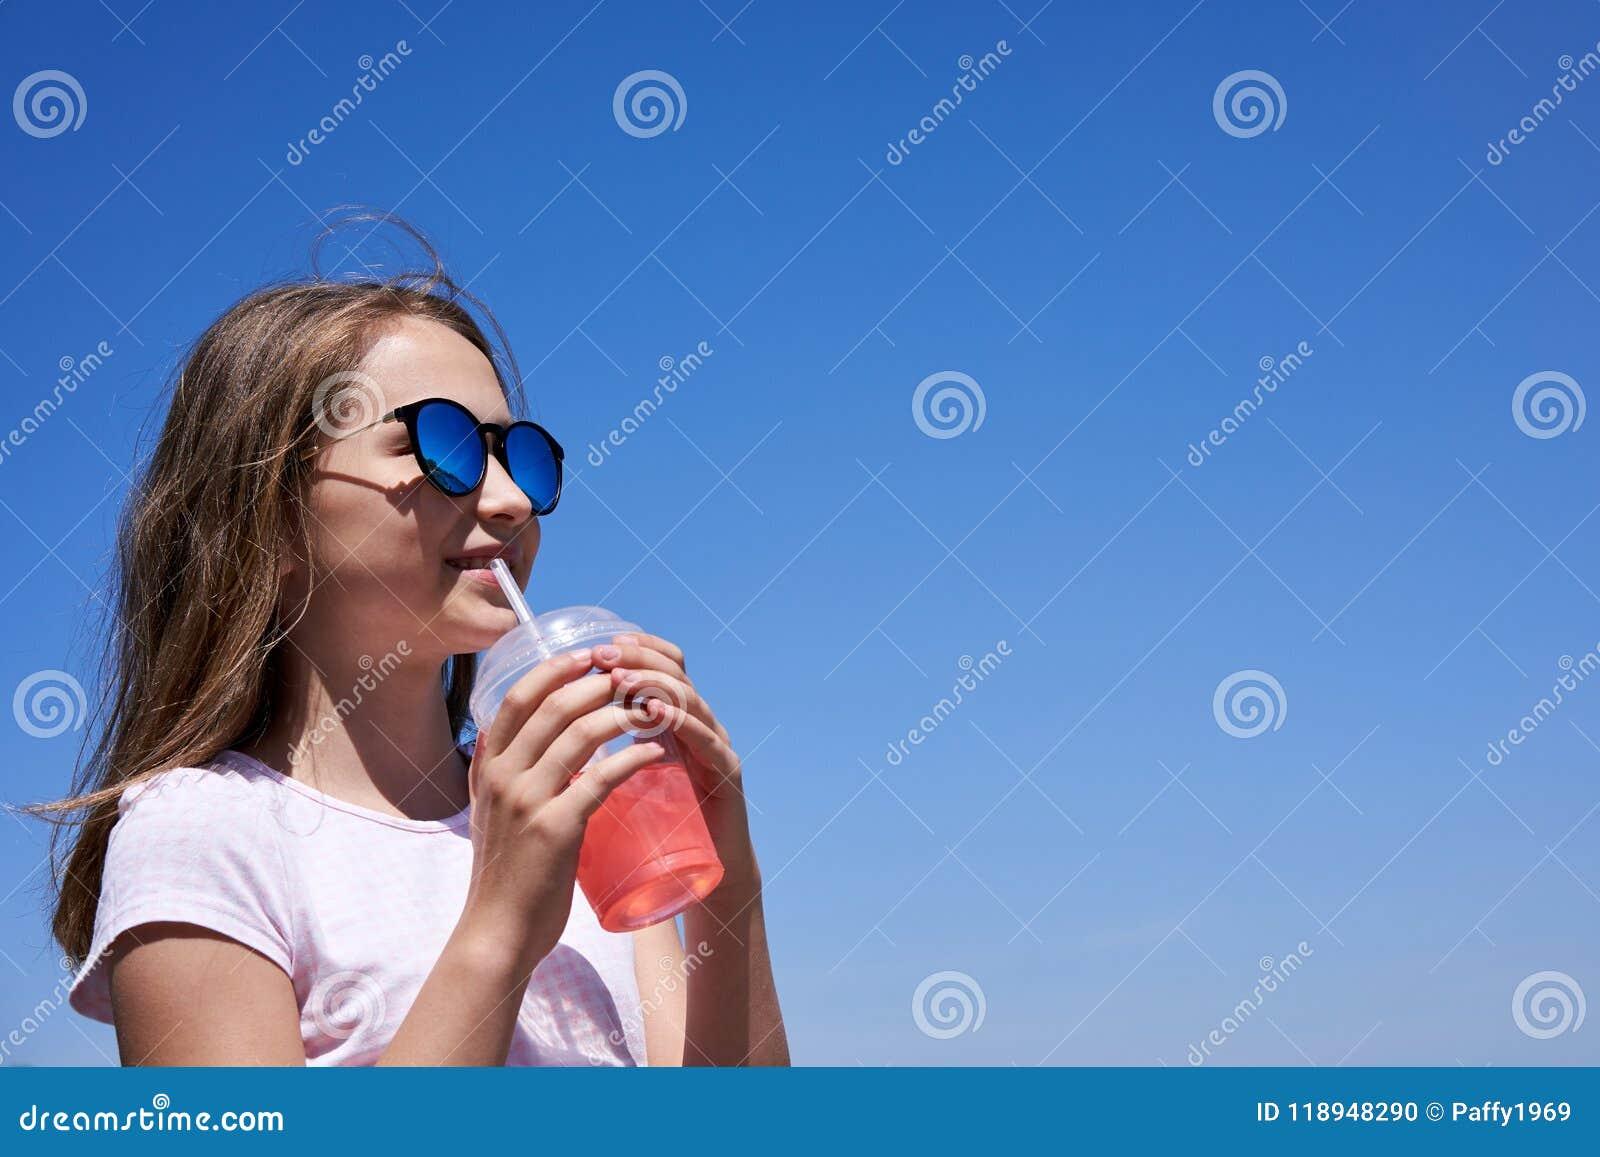 太阳镜的女孩喝冷的柠檬水的